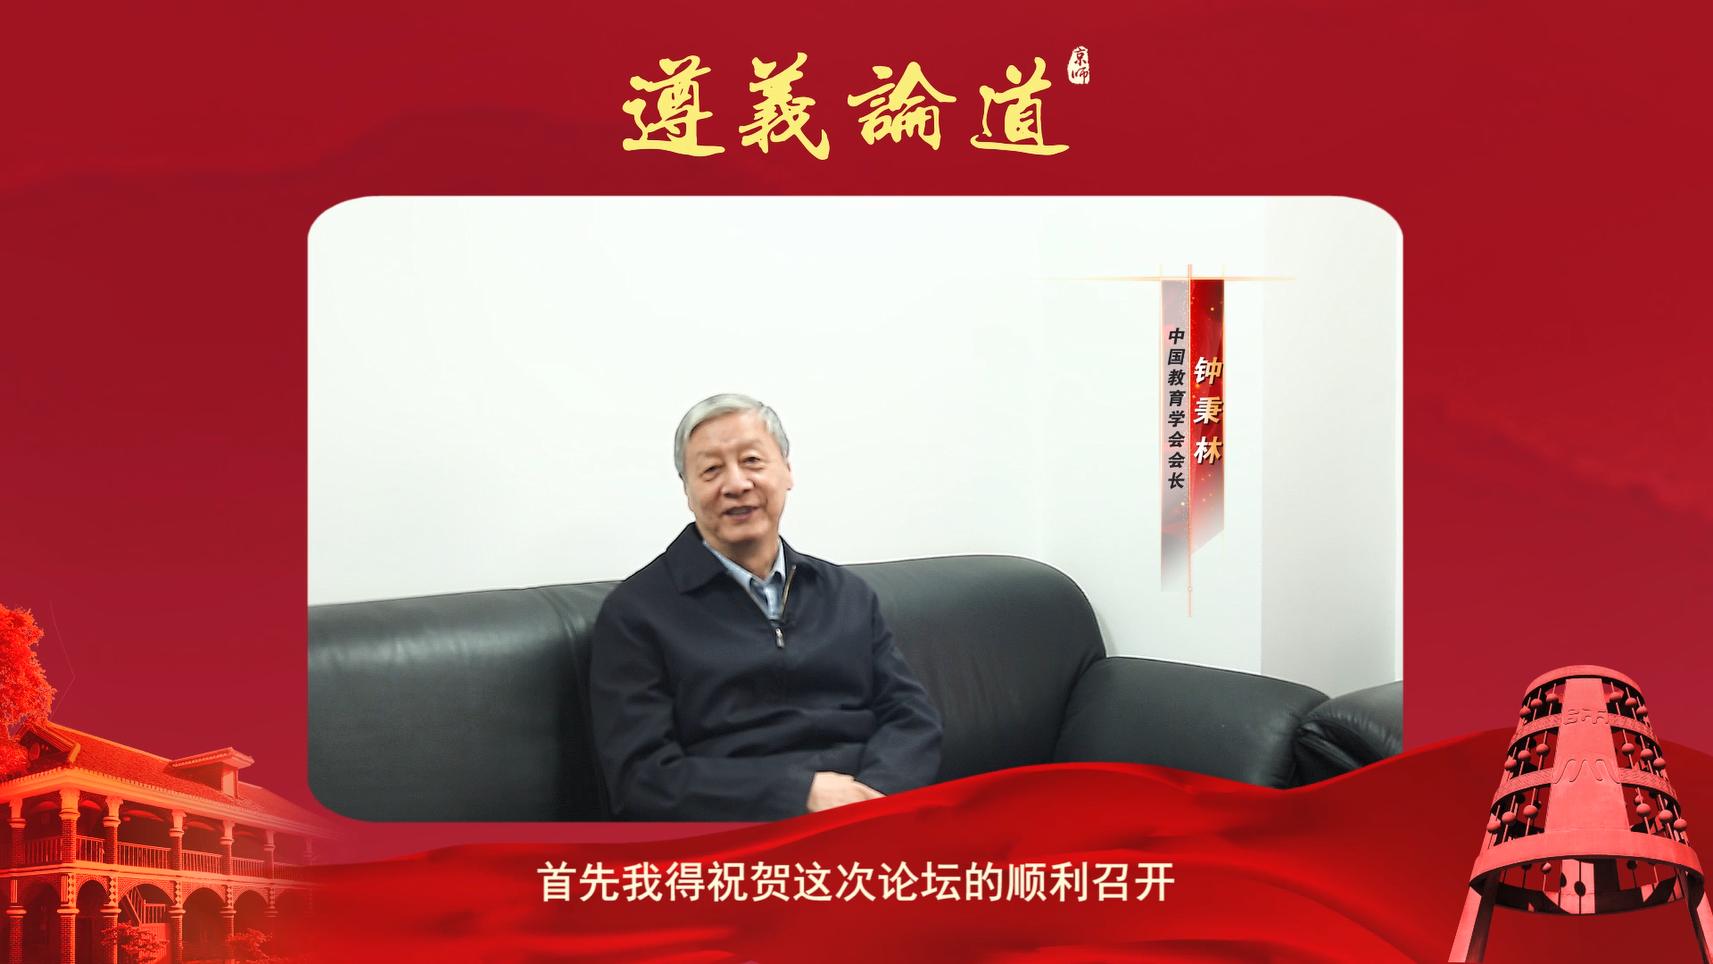 中國教育學會會長鐘秉林教授以視頻的形式發表了賀詞